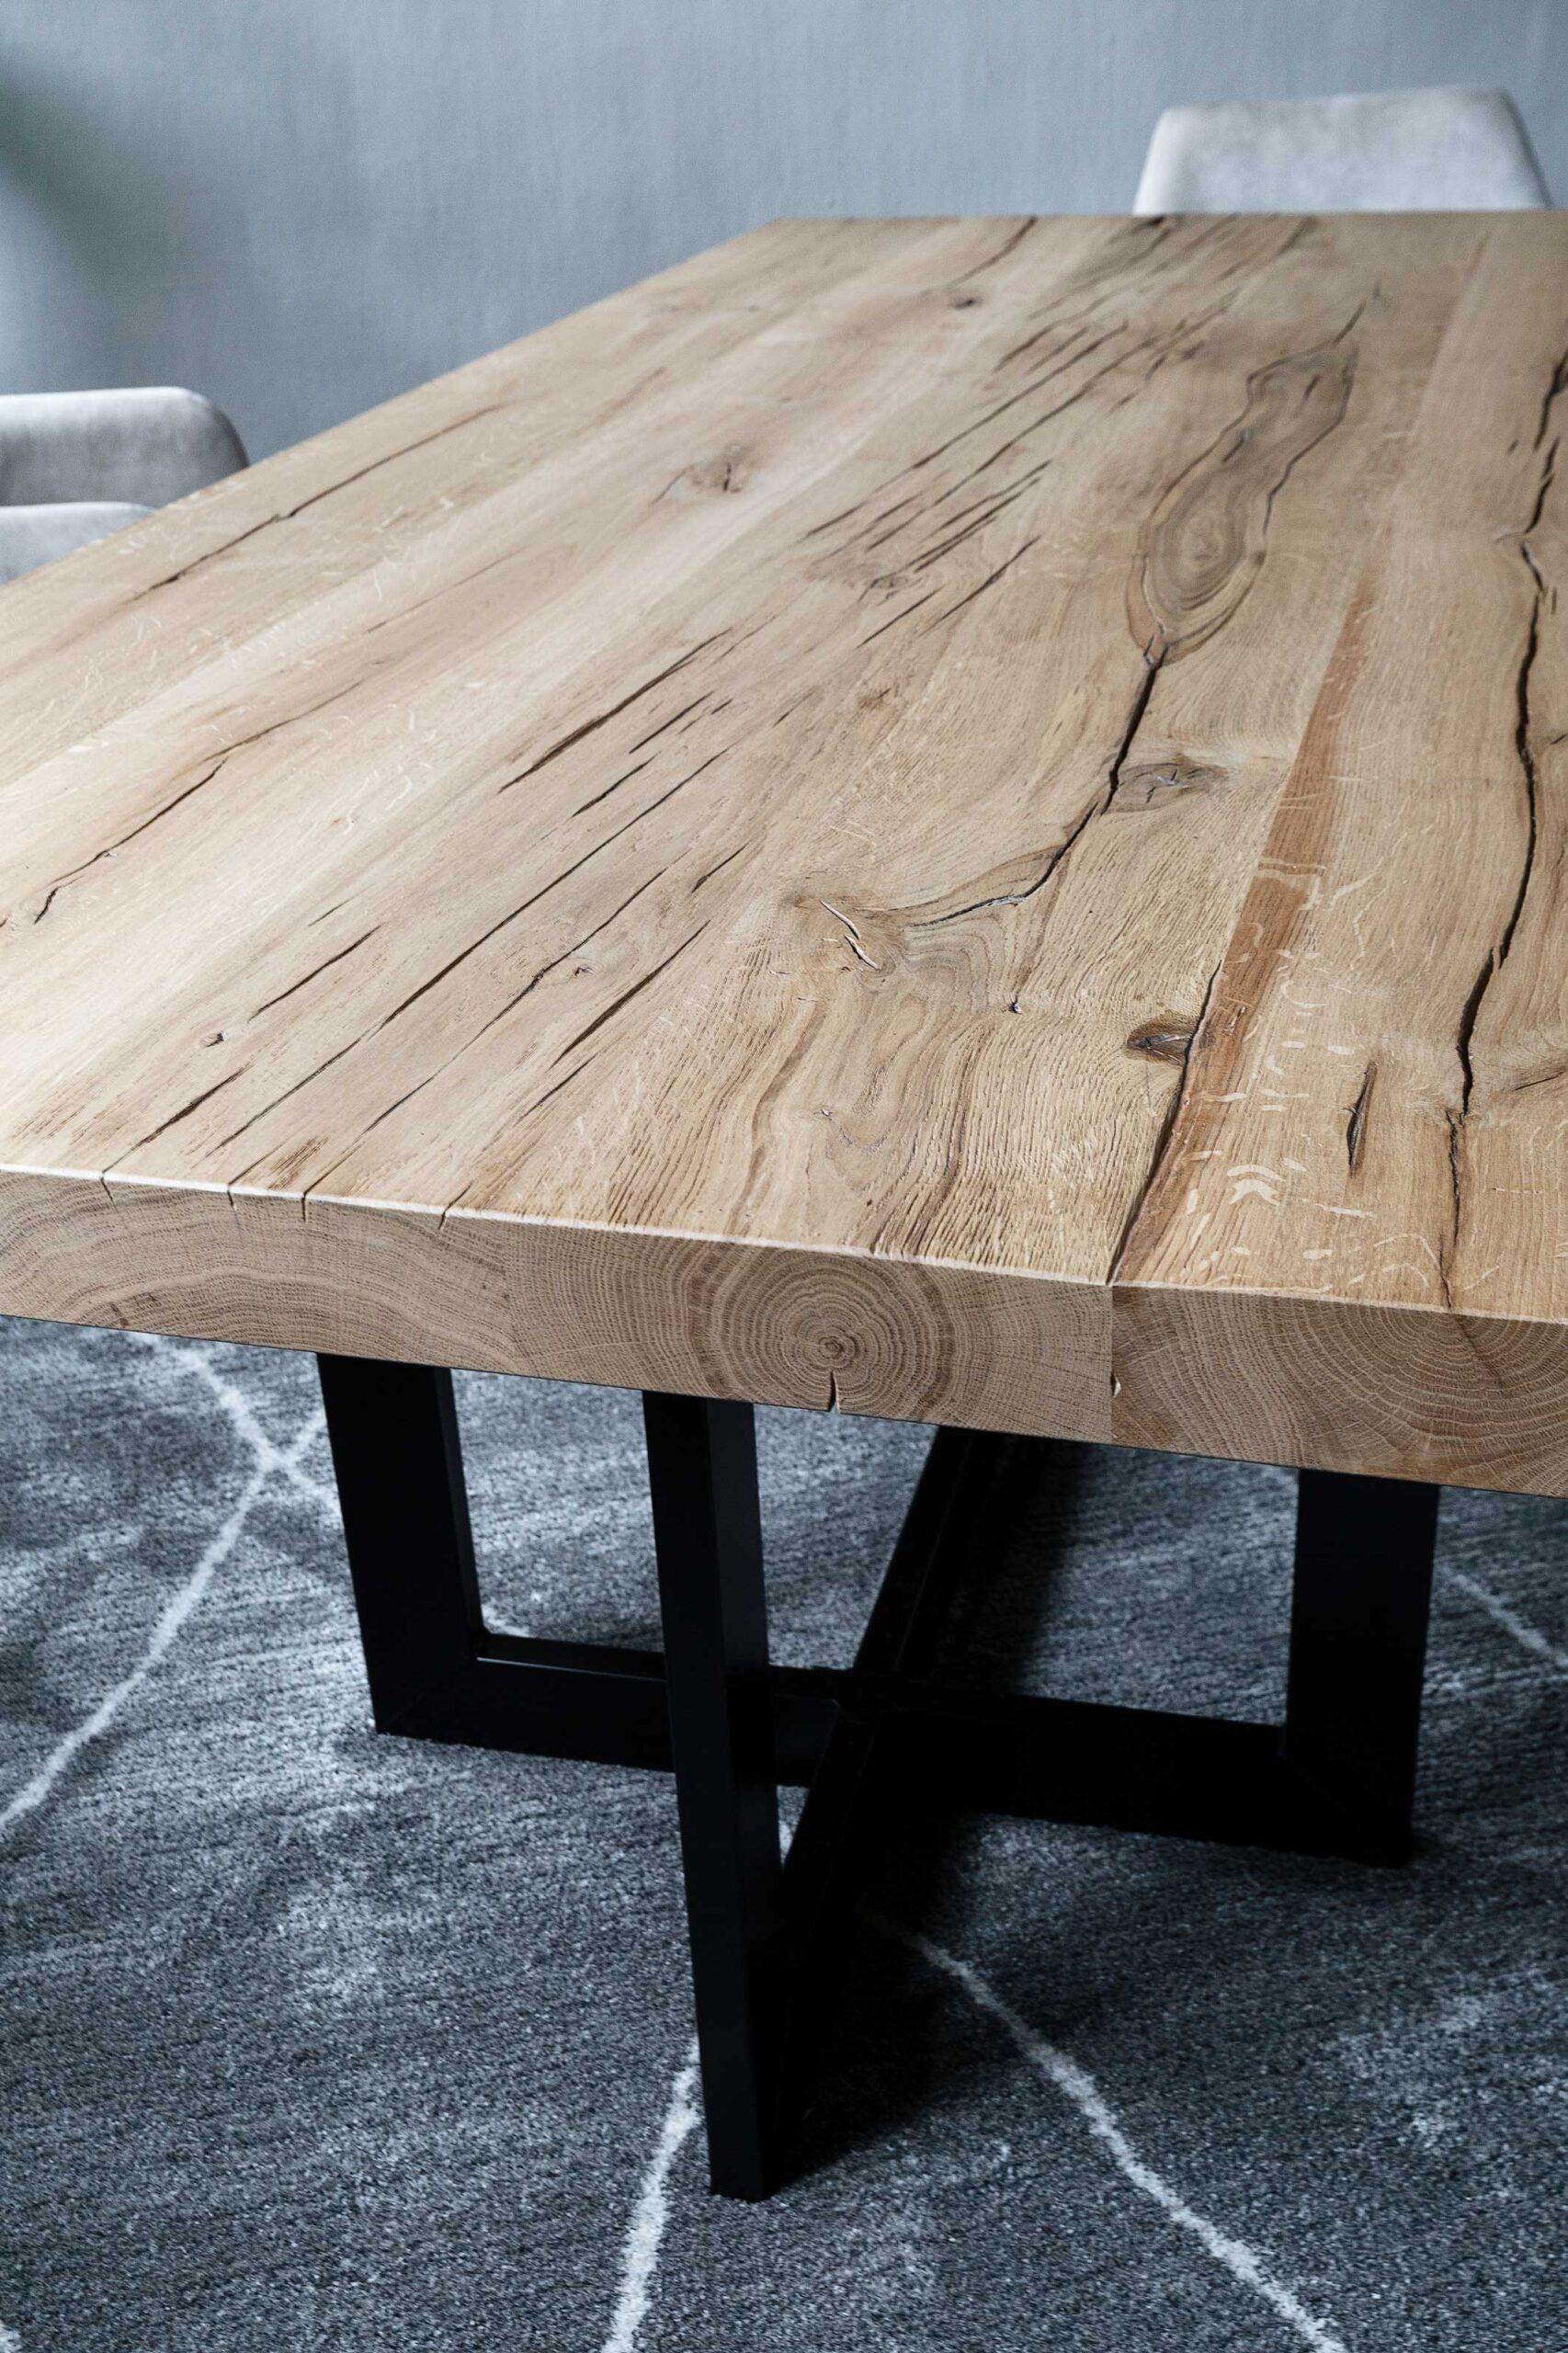 cape-town-tafelberg-eienhouten-eettafel-met-dik-massief-rustiek-eikenhout-op-design-zwart-staal-onderstel-soofs-interieur